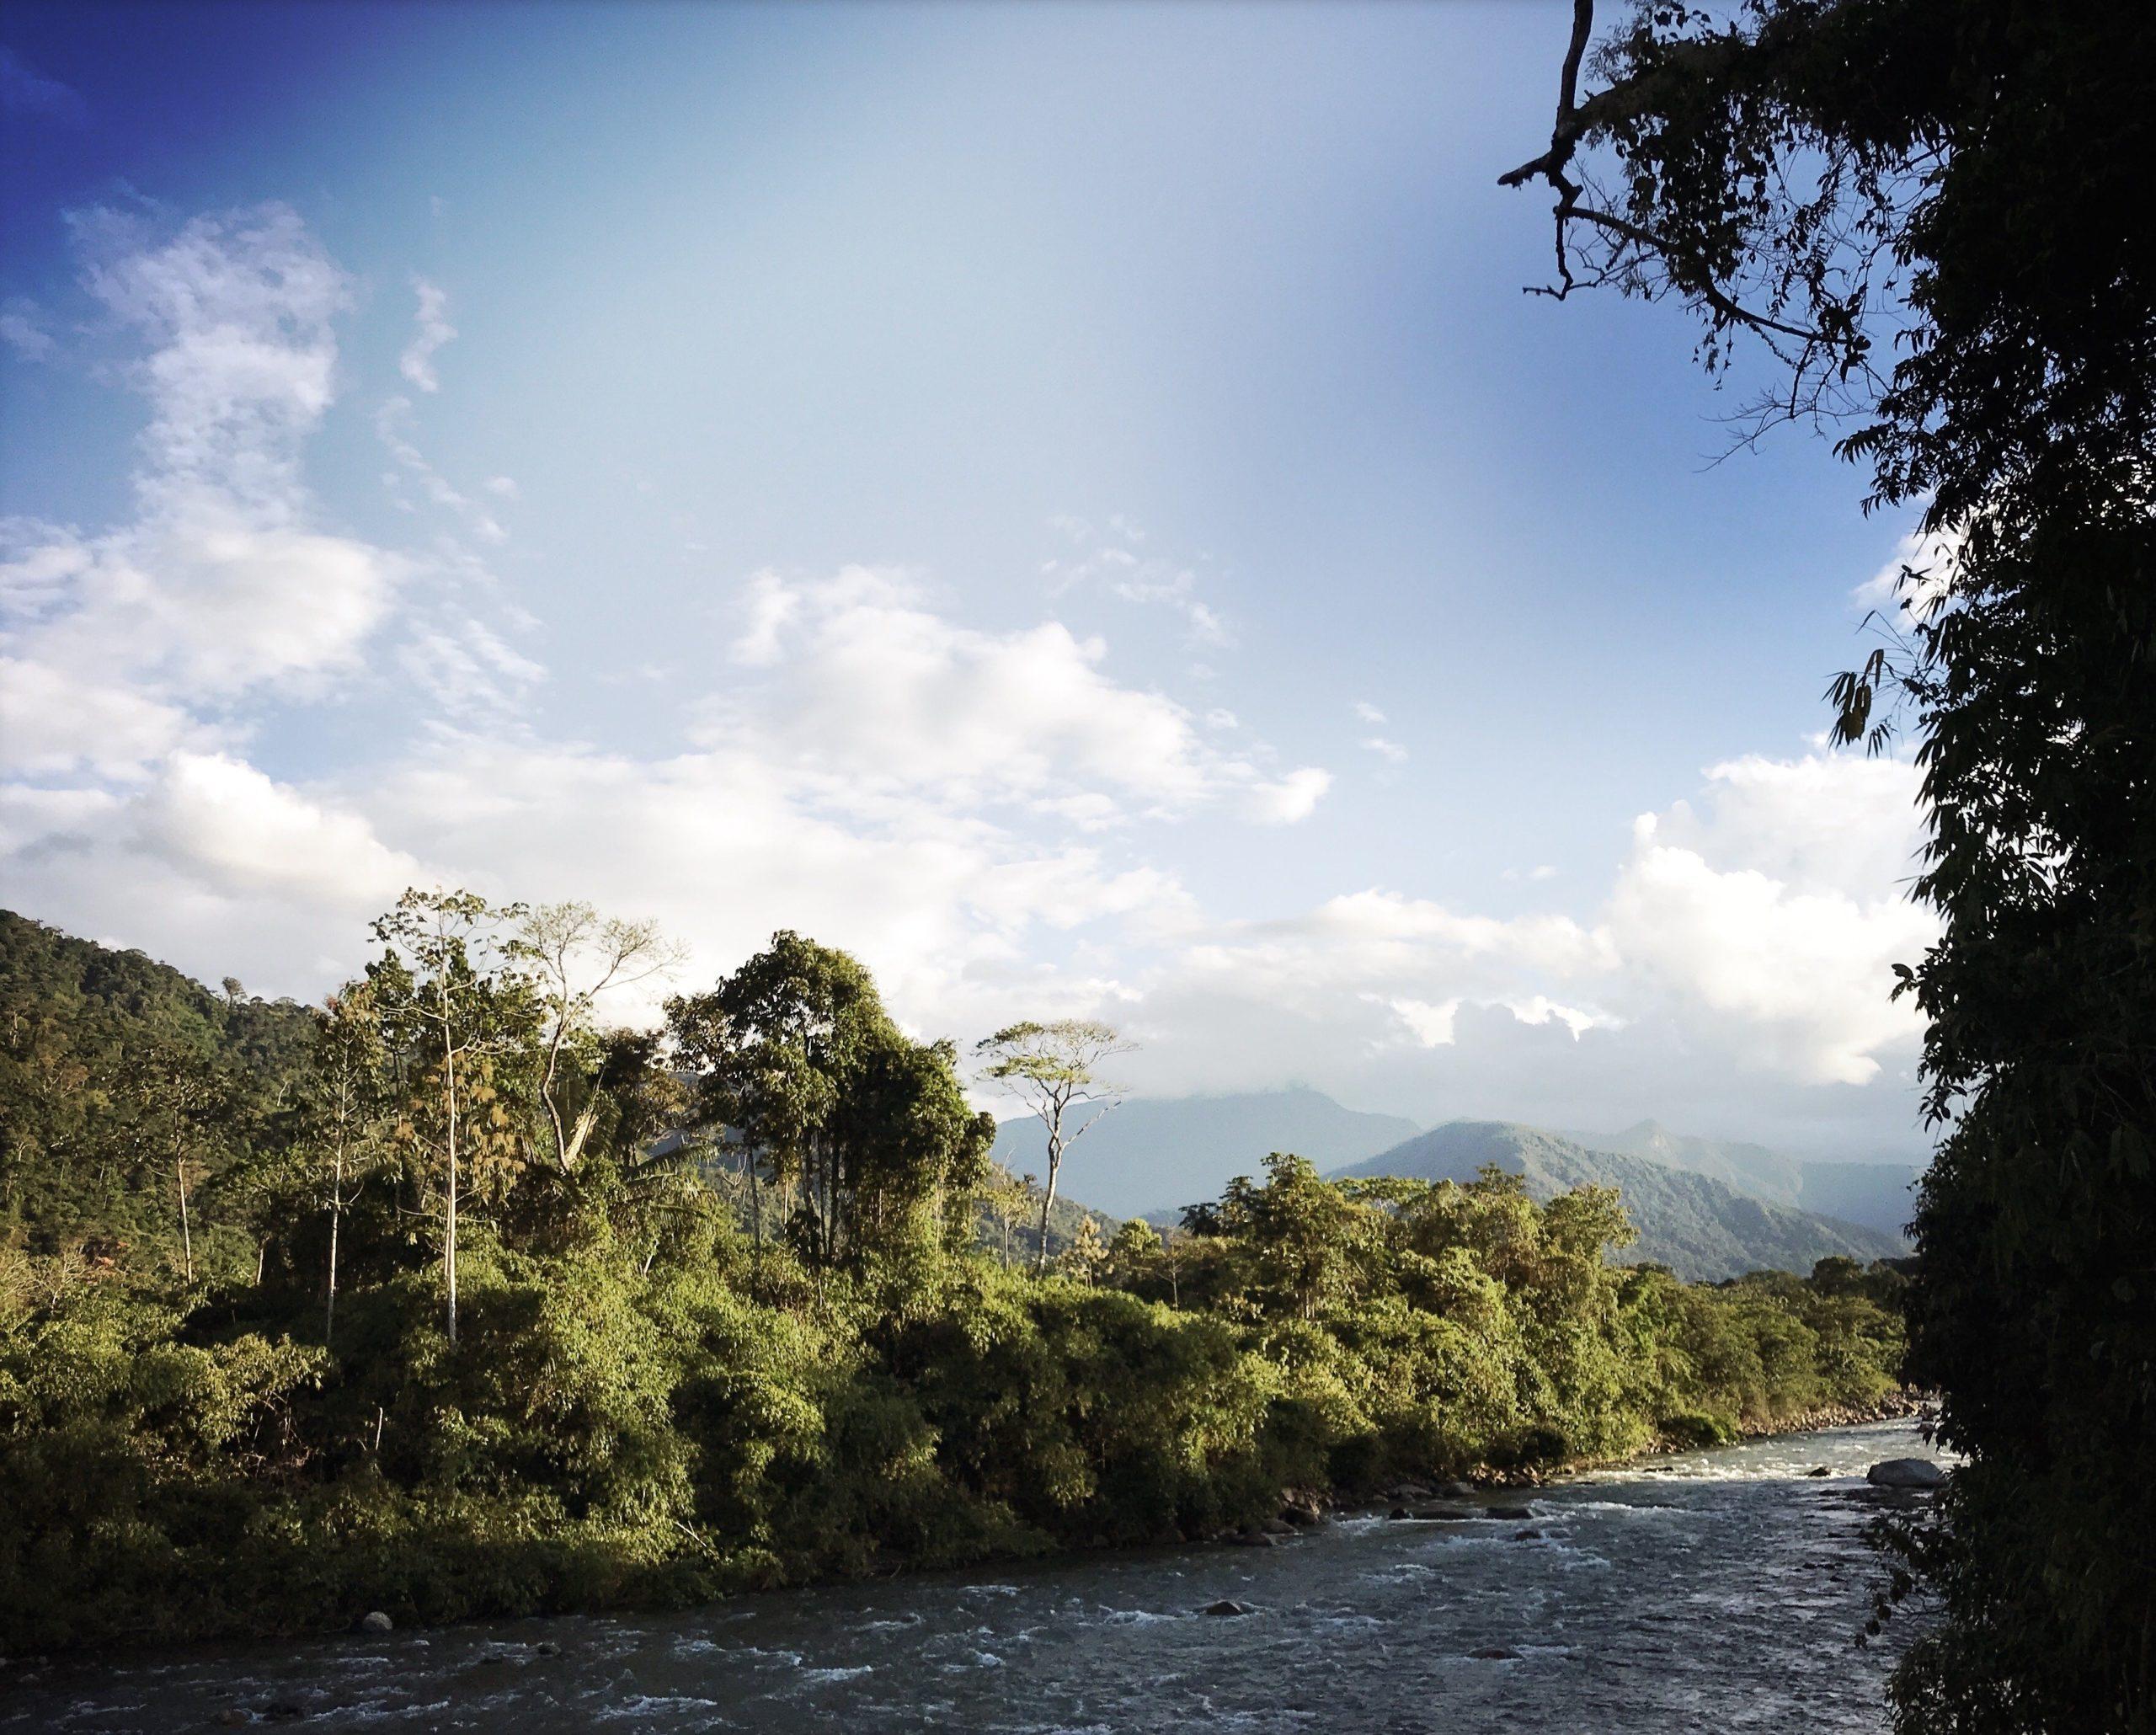 landscape river peru